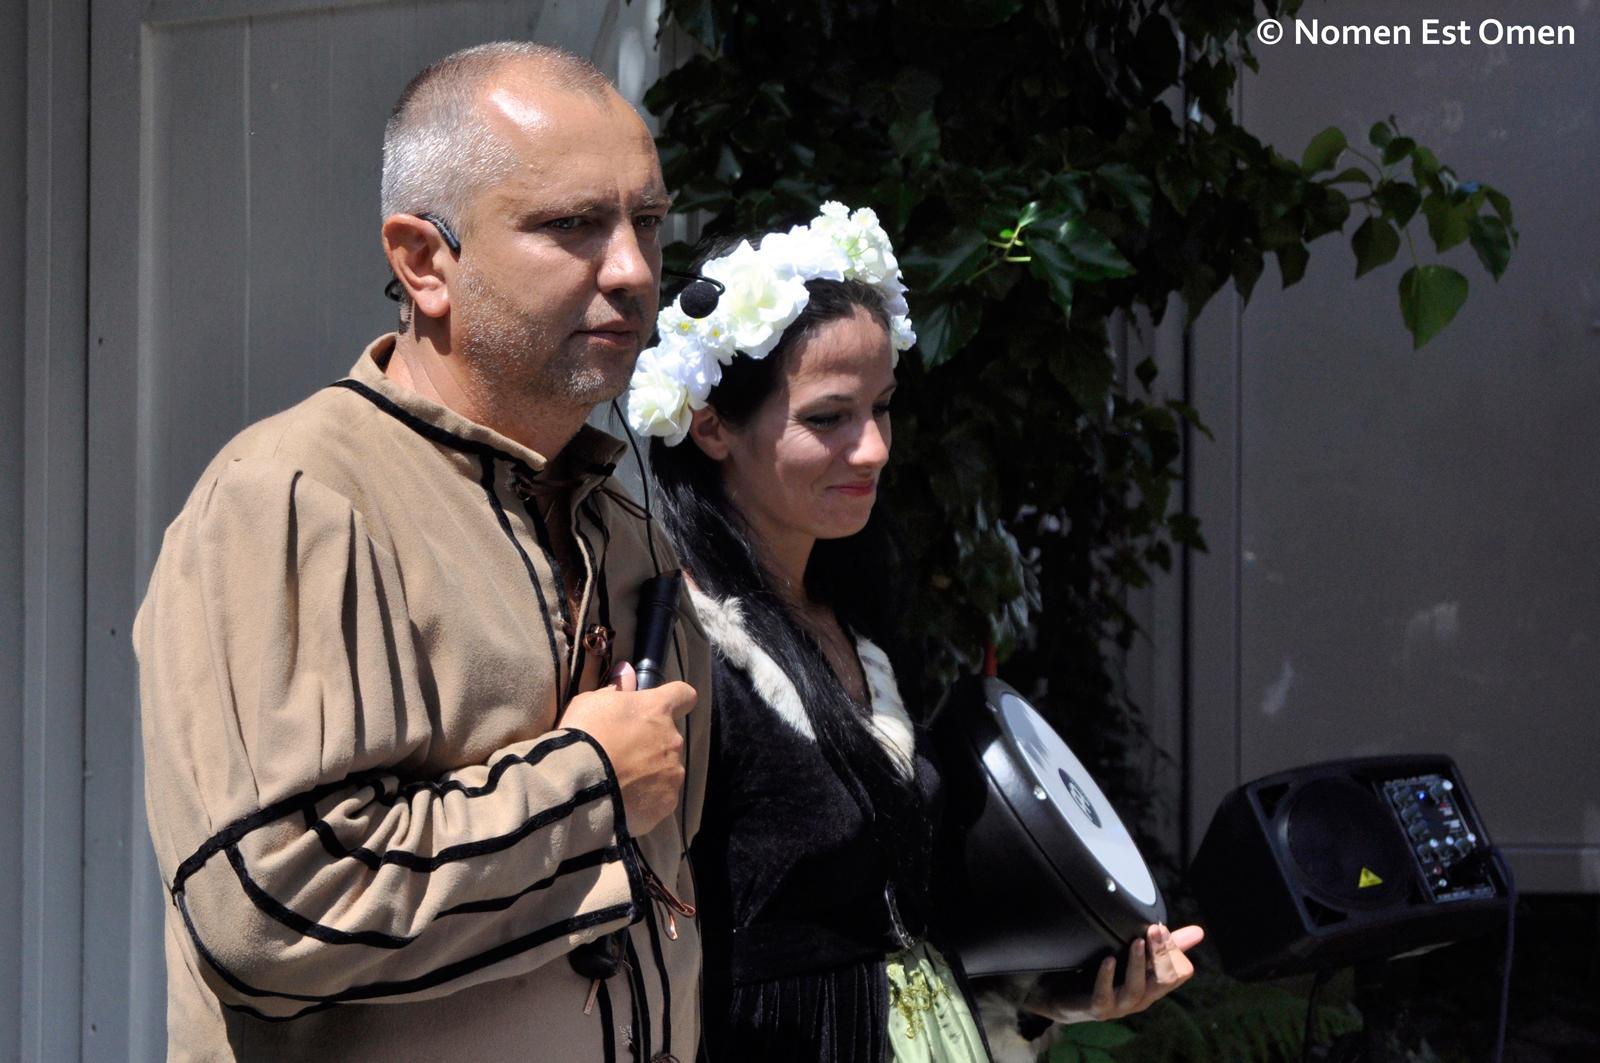 Nomen Est Omen – Mihai Plǎmǎdealǎ şi Anca Dobre la Gǎrȃna (2014)